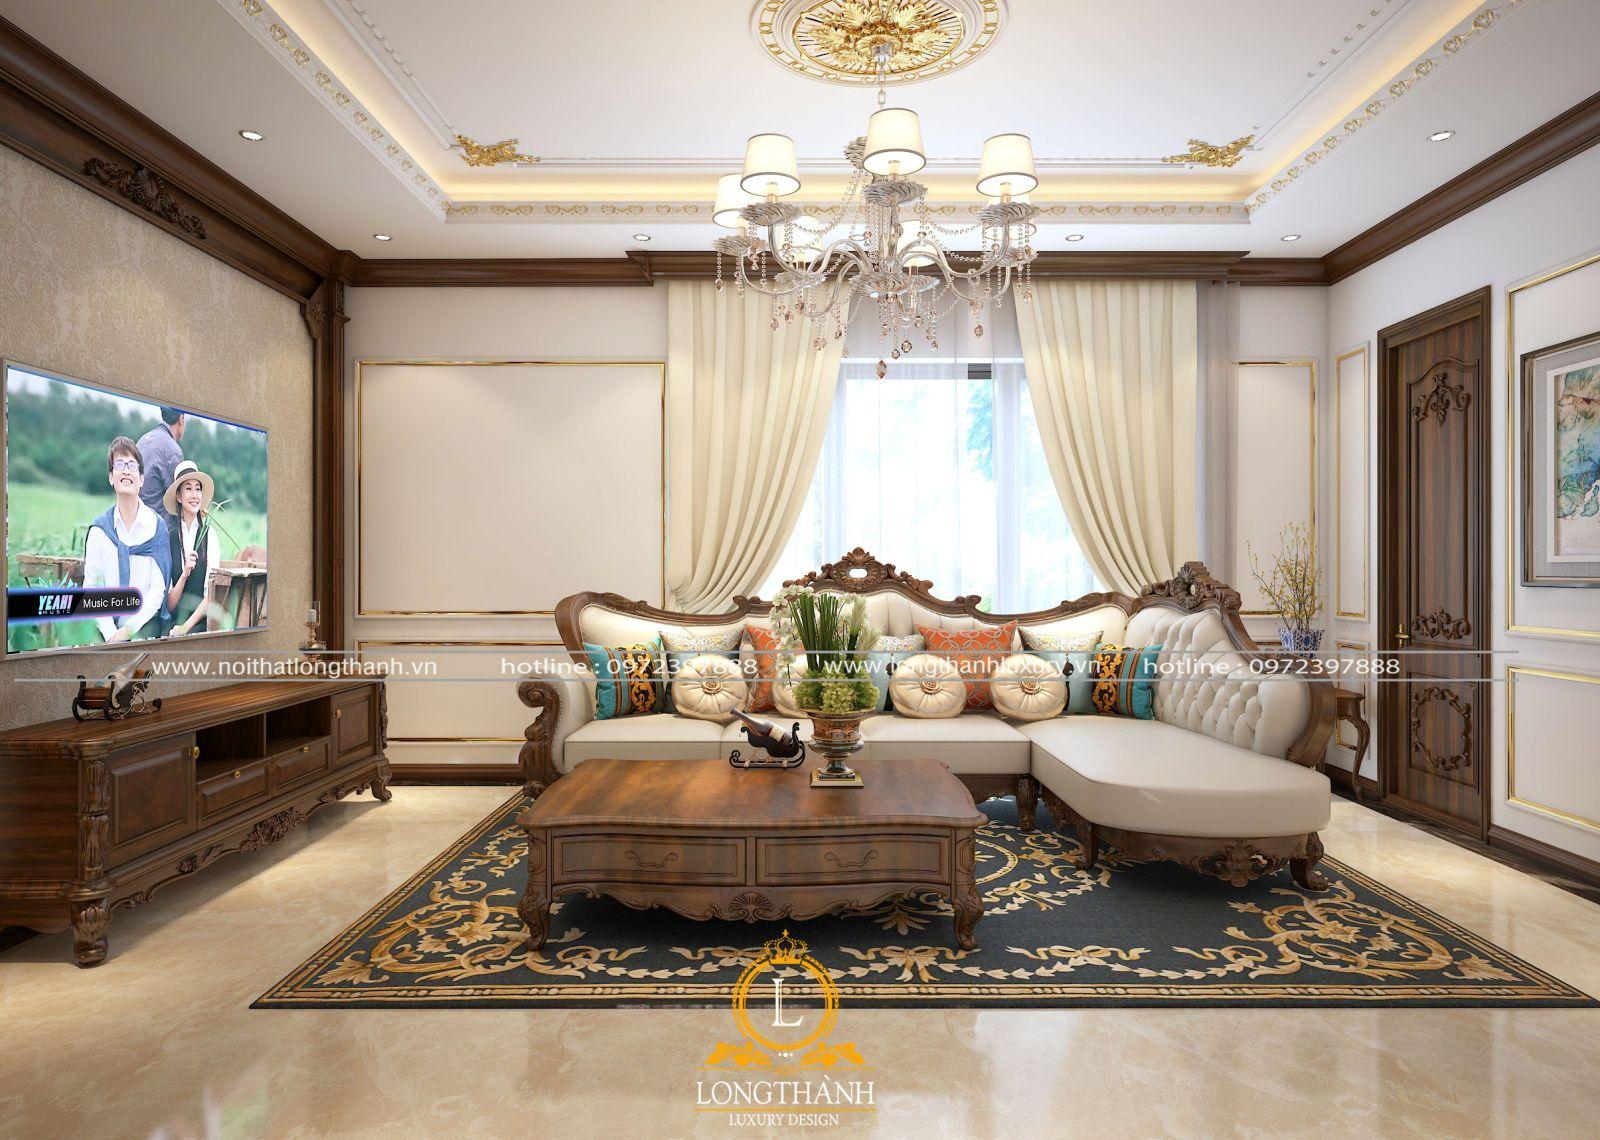 Chọn sofa chữ L cho phòng có diện tích nhỏ